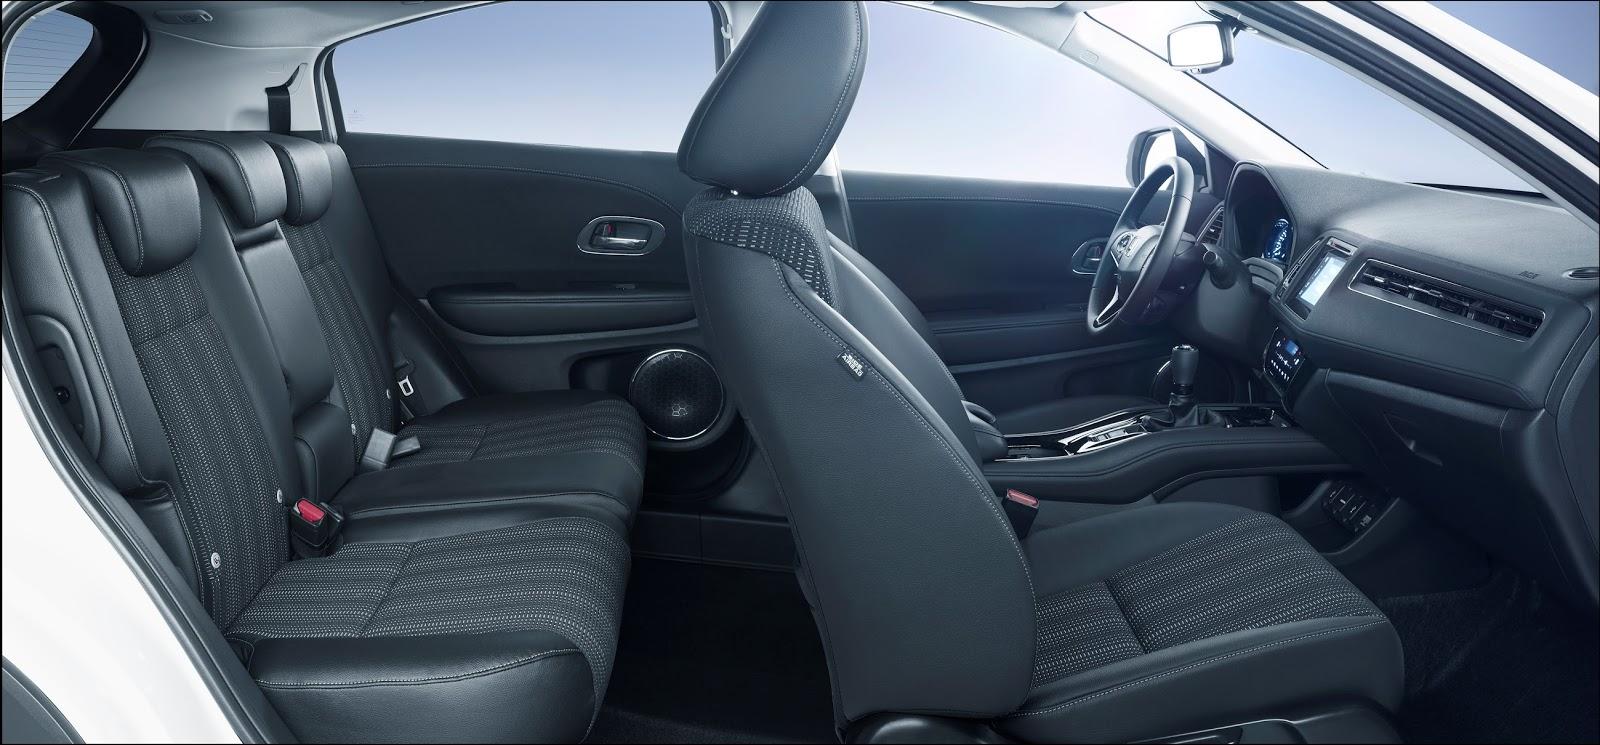 40668 2015 Honda HR V Όλες οι λεπτομέρειες για το νέο Honda HR-V Honda, Honda HR-V, HR-V, SUV